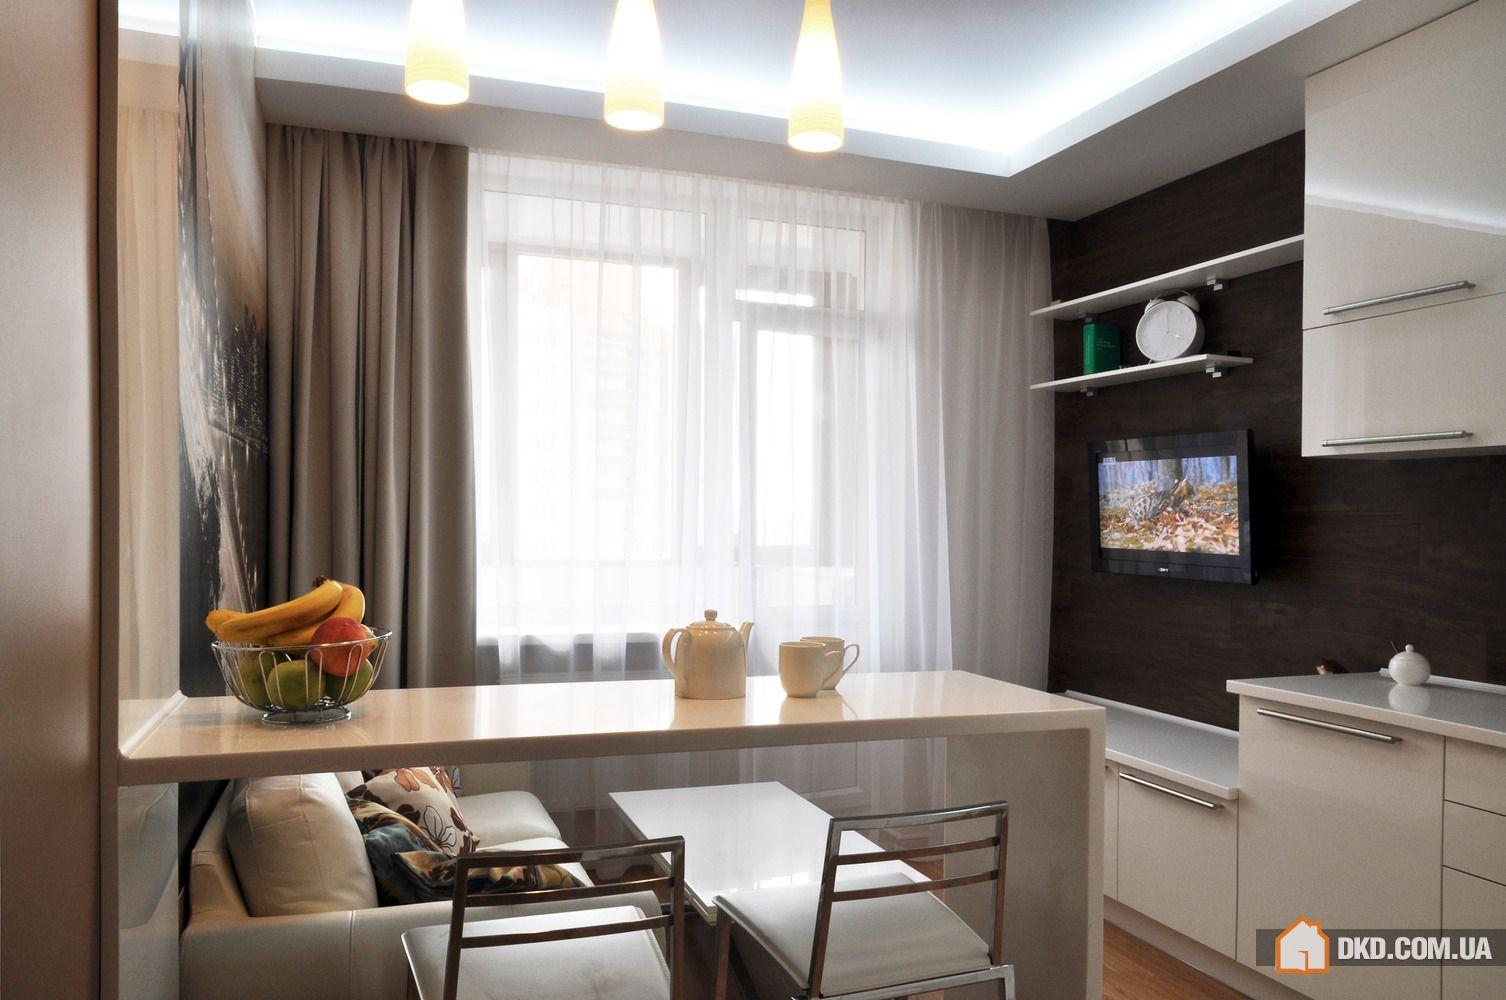 Дизайн кухни интерьера 18 кв м